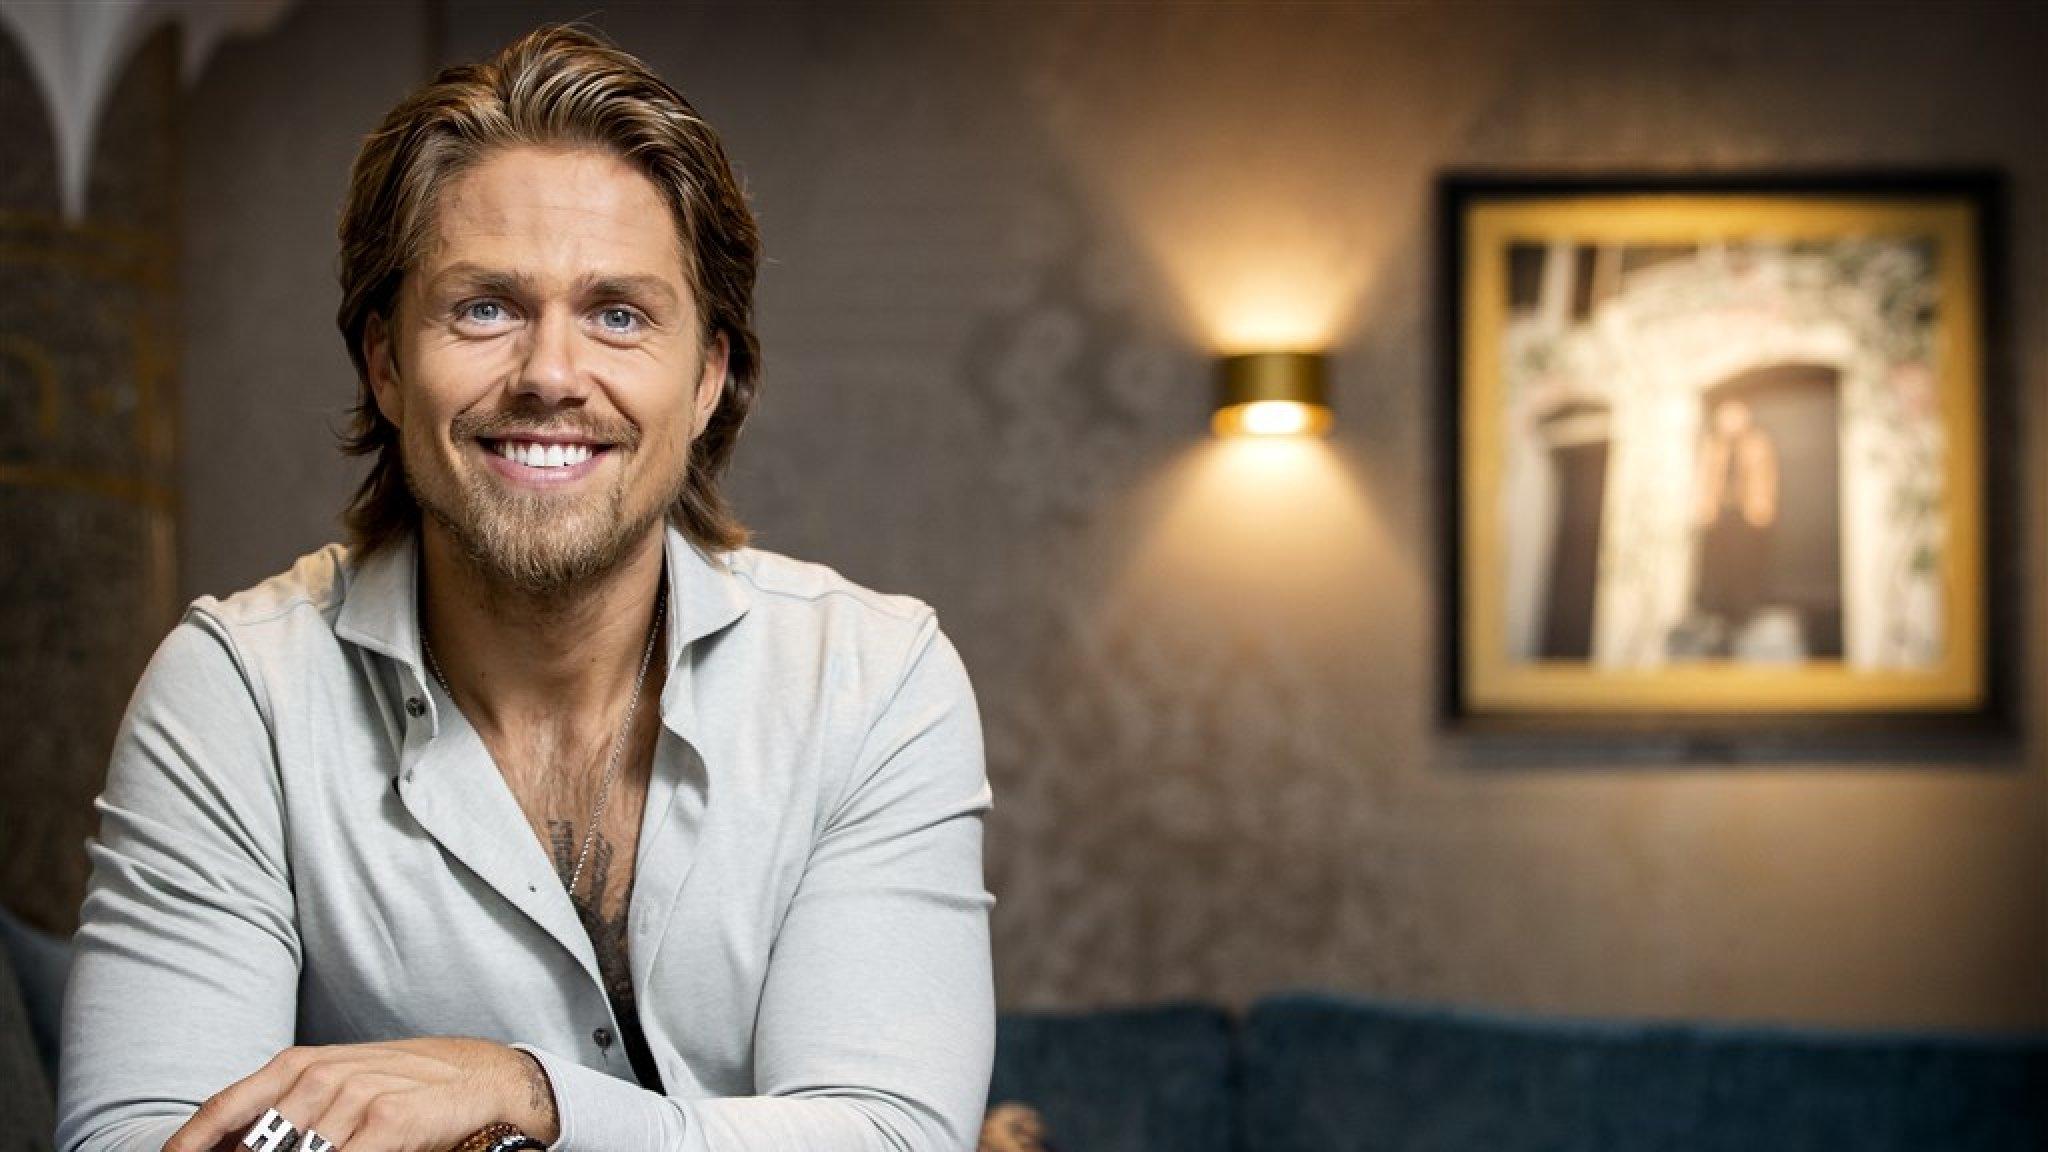 André deelt voor- en nafoto: 'Of ik me herpakt heb?' - RTL Boulevard